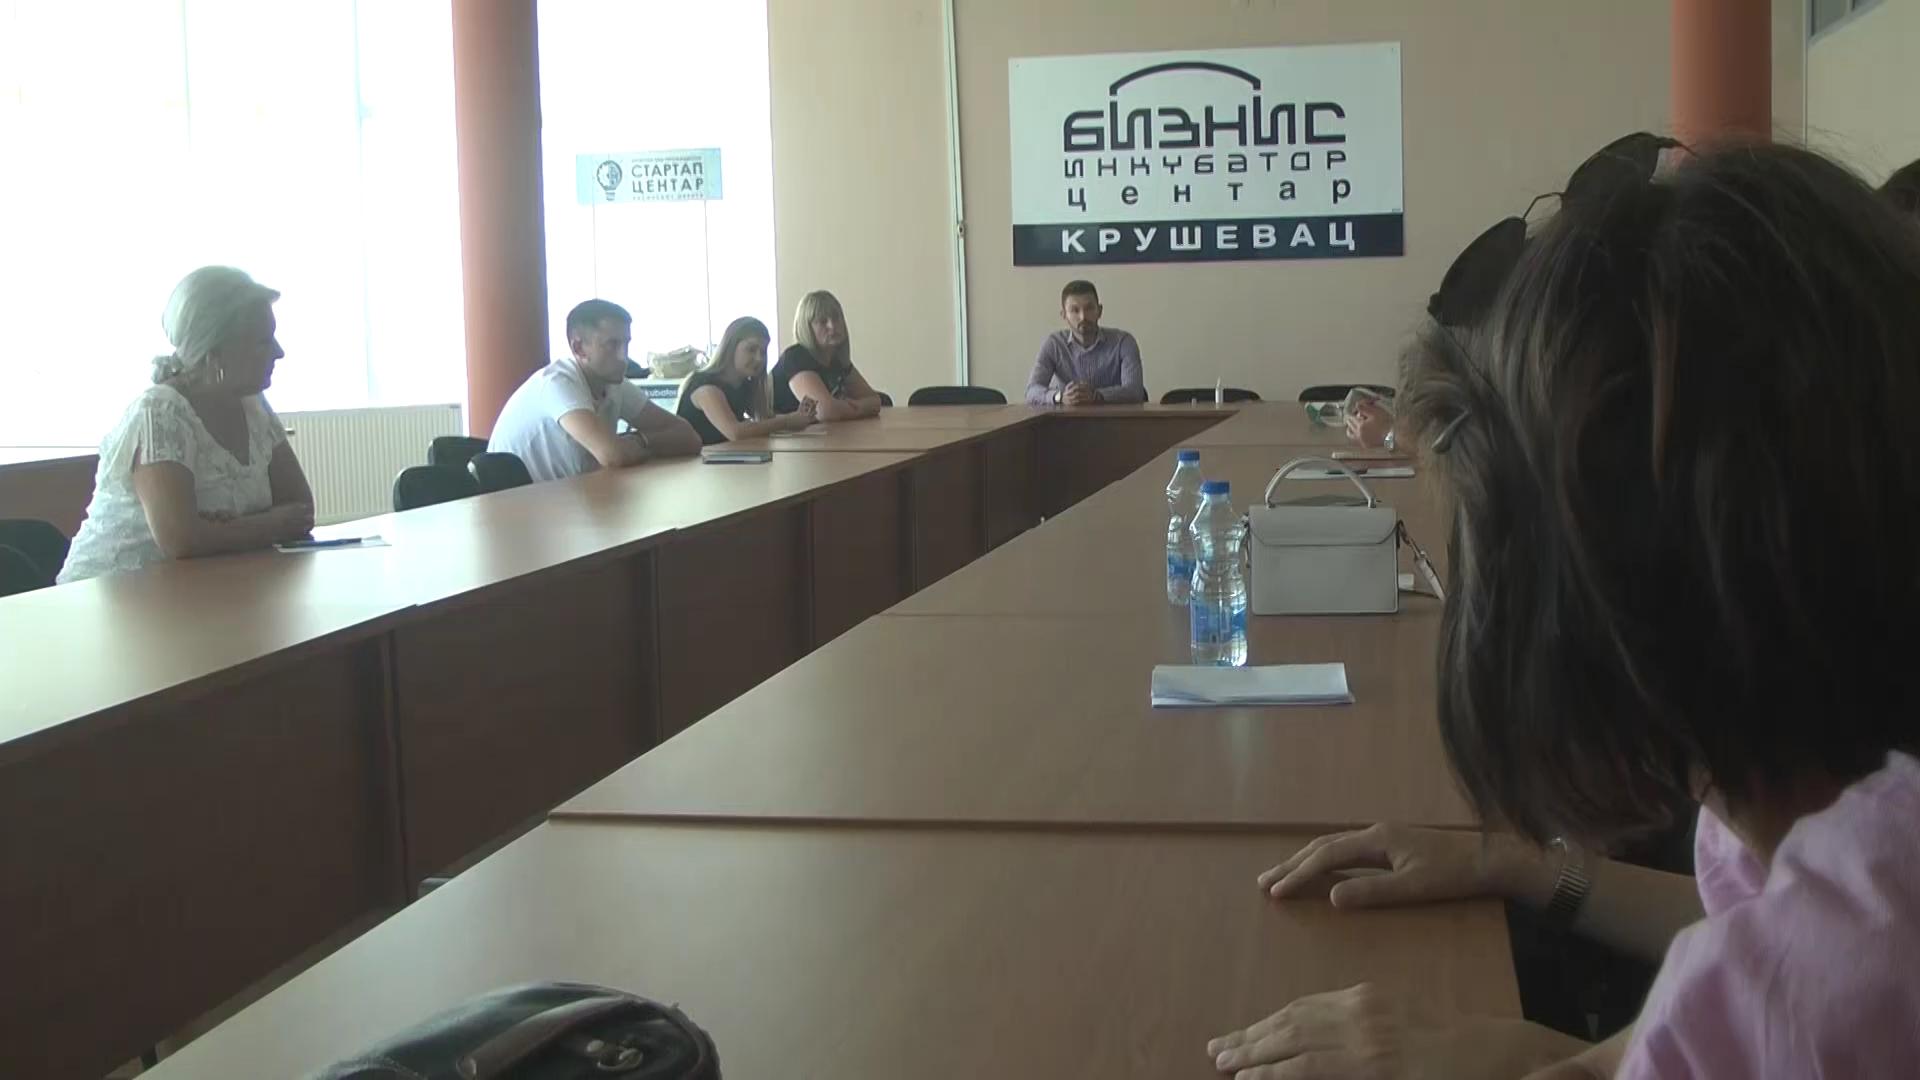 """Obuka u Biznis inkubatoru u okviru projekta """"Uključi se i unapredi lokalnu zajednicu"""""""